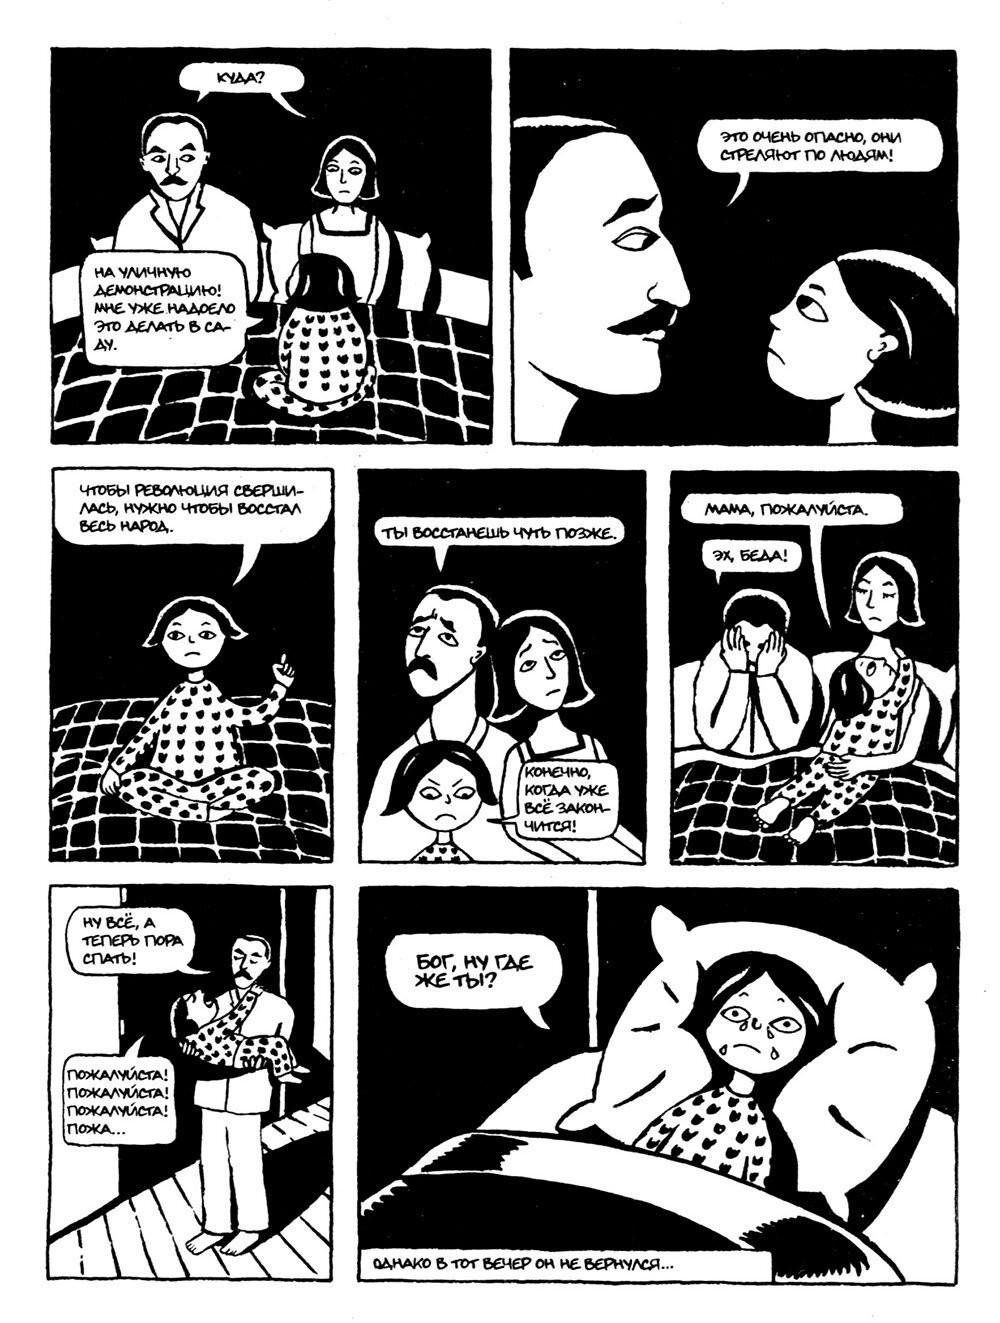 Исторический комикс Персеполис, Маржан Сатрапи. Том 1. Страница 16. Блог о комиксах Vaes Okshn